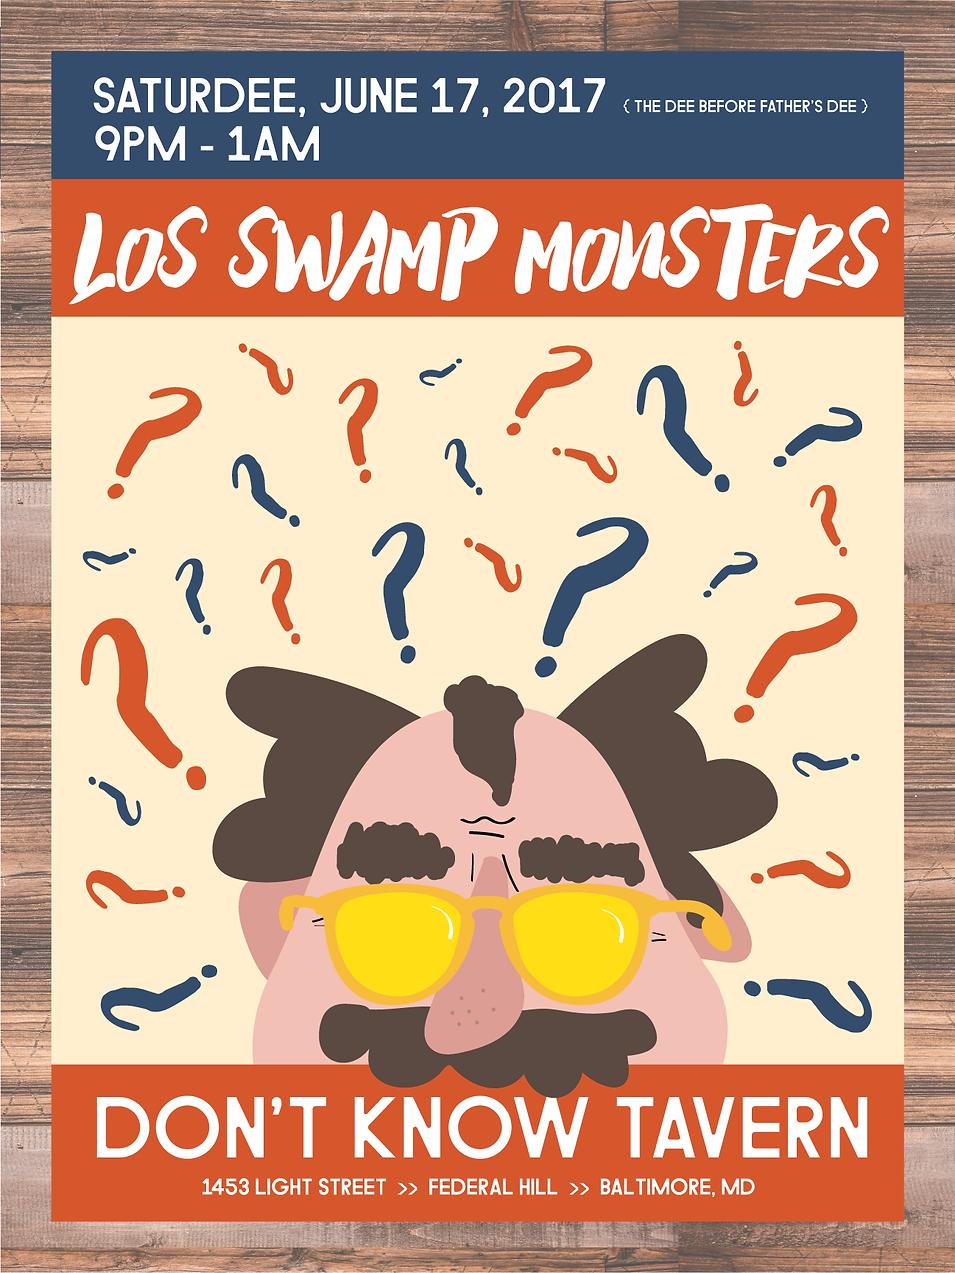 Los Swamp Monsters Poster 2017